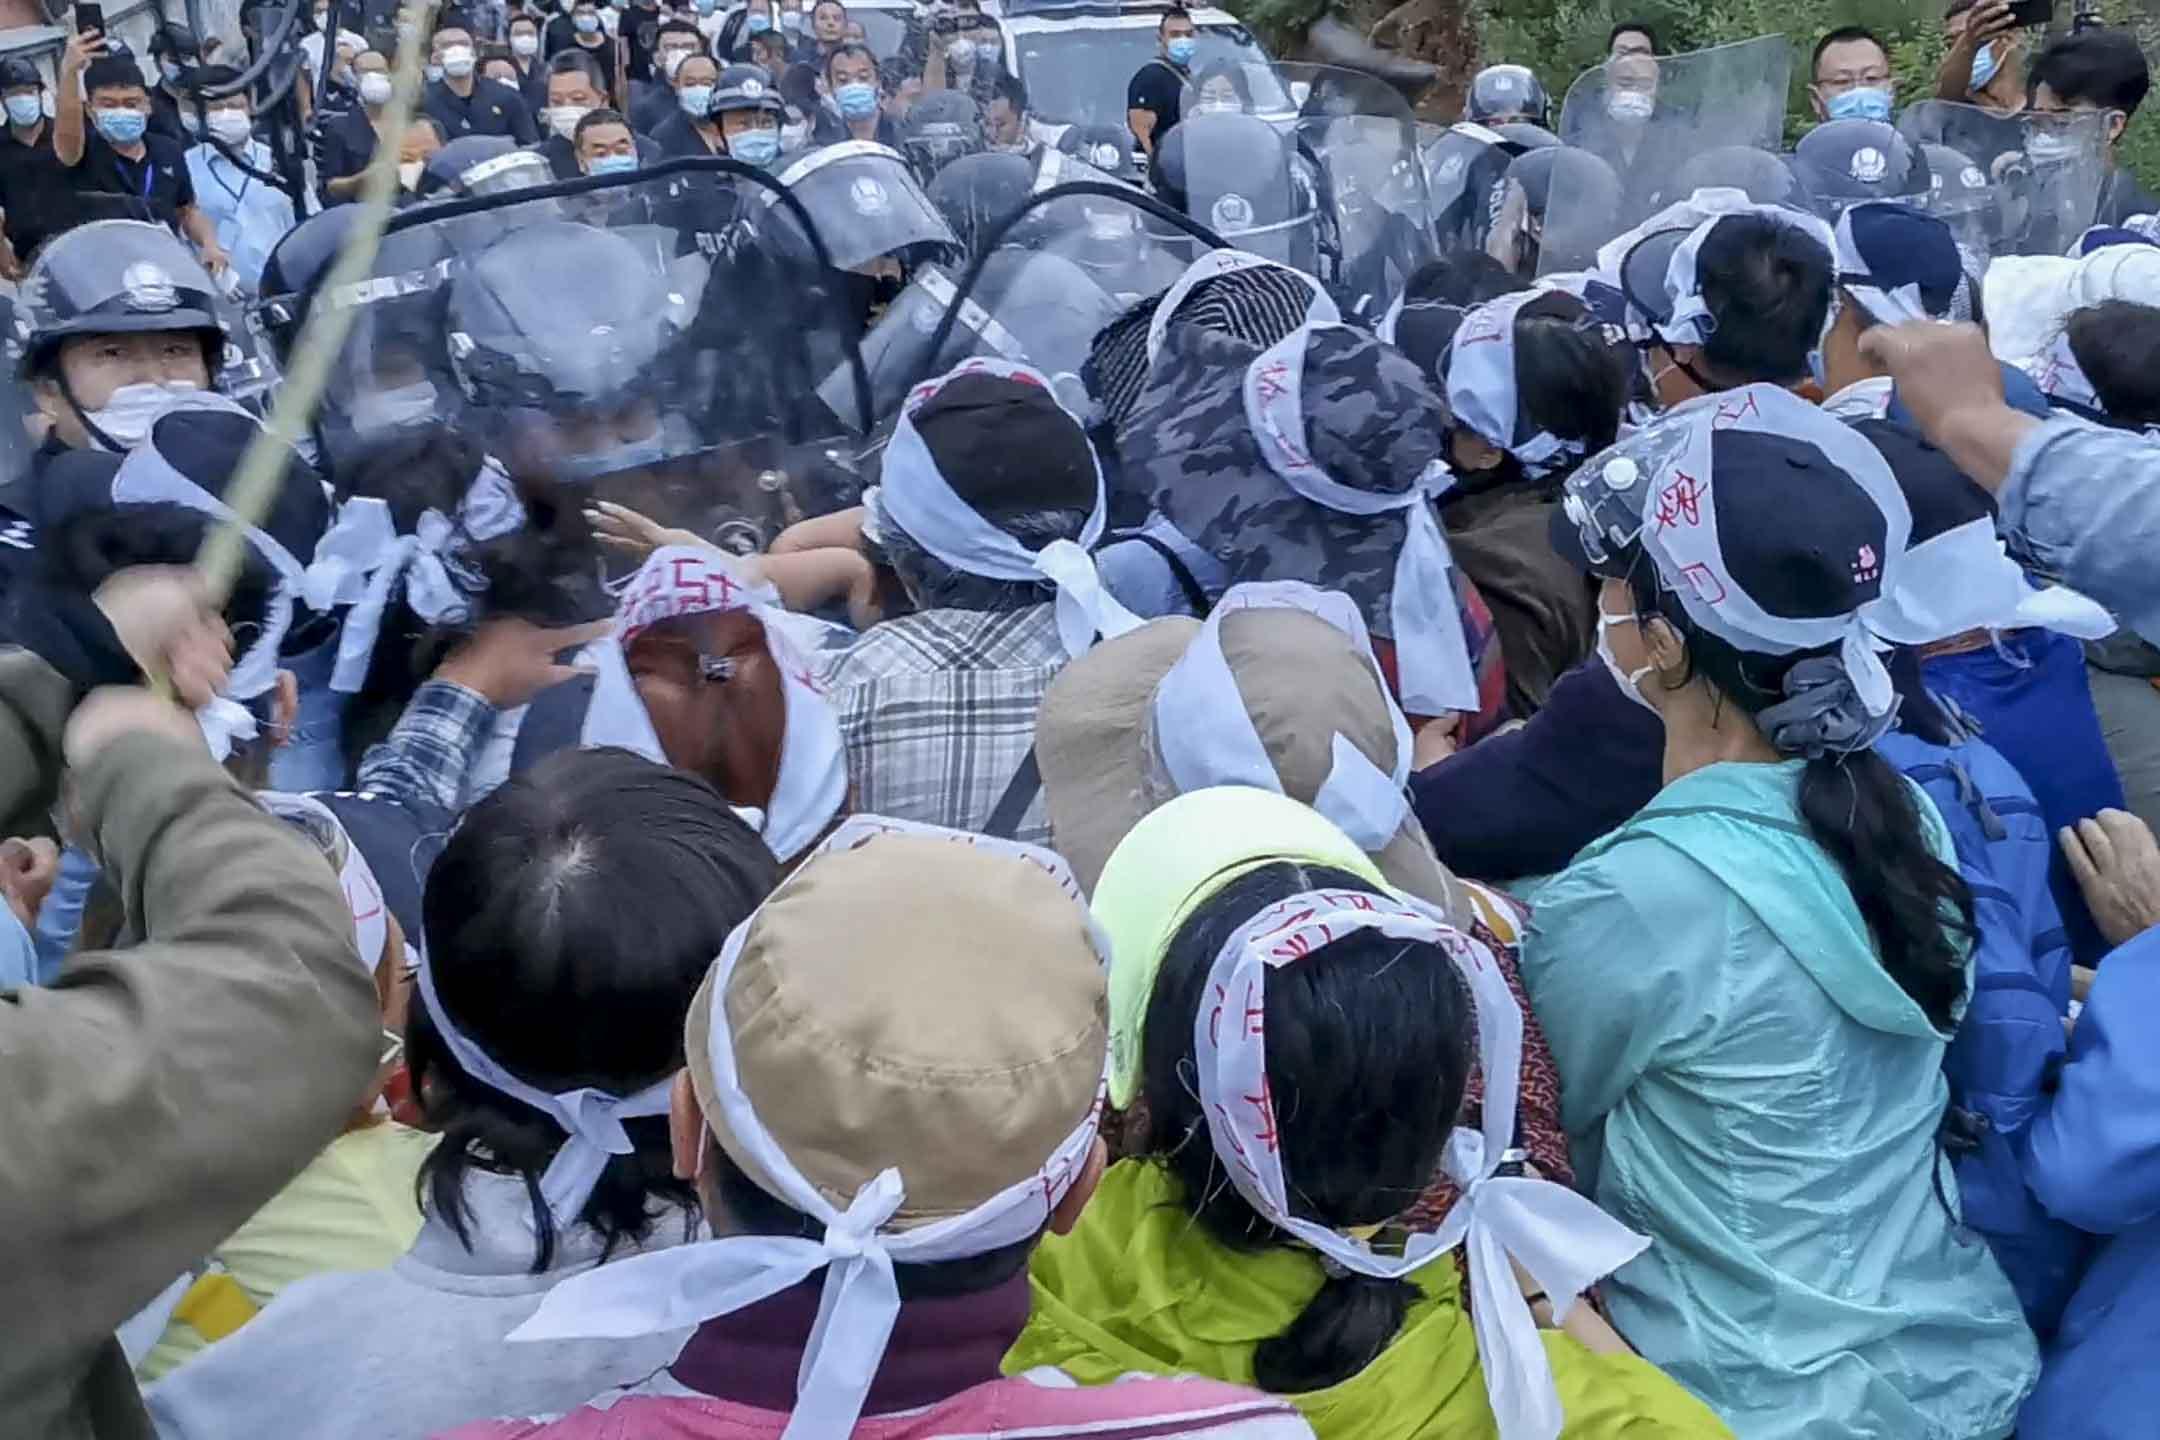 2020年6月29日,北京昌平區瓦窯村居民與防暴警察發生衝突。 網上圖片